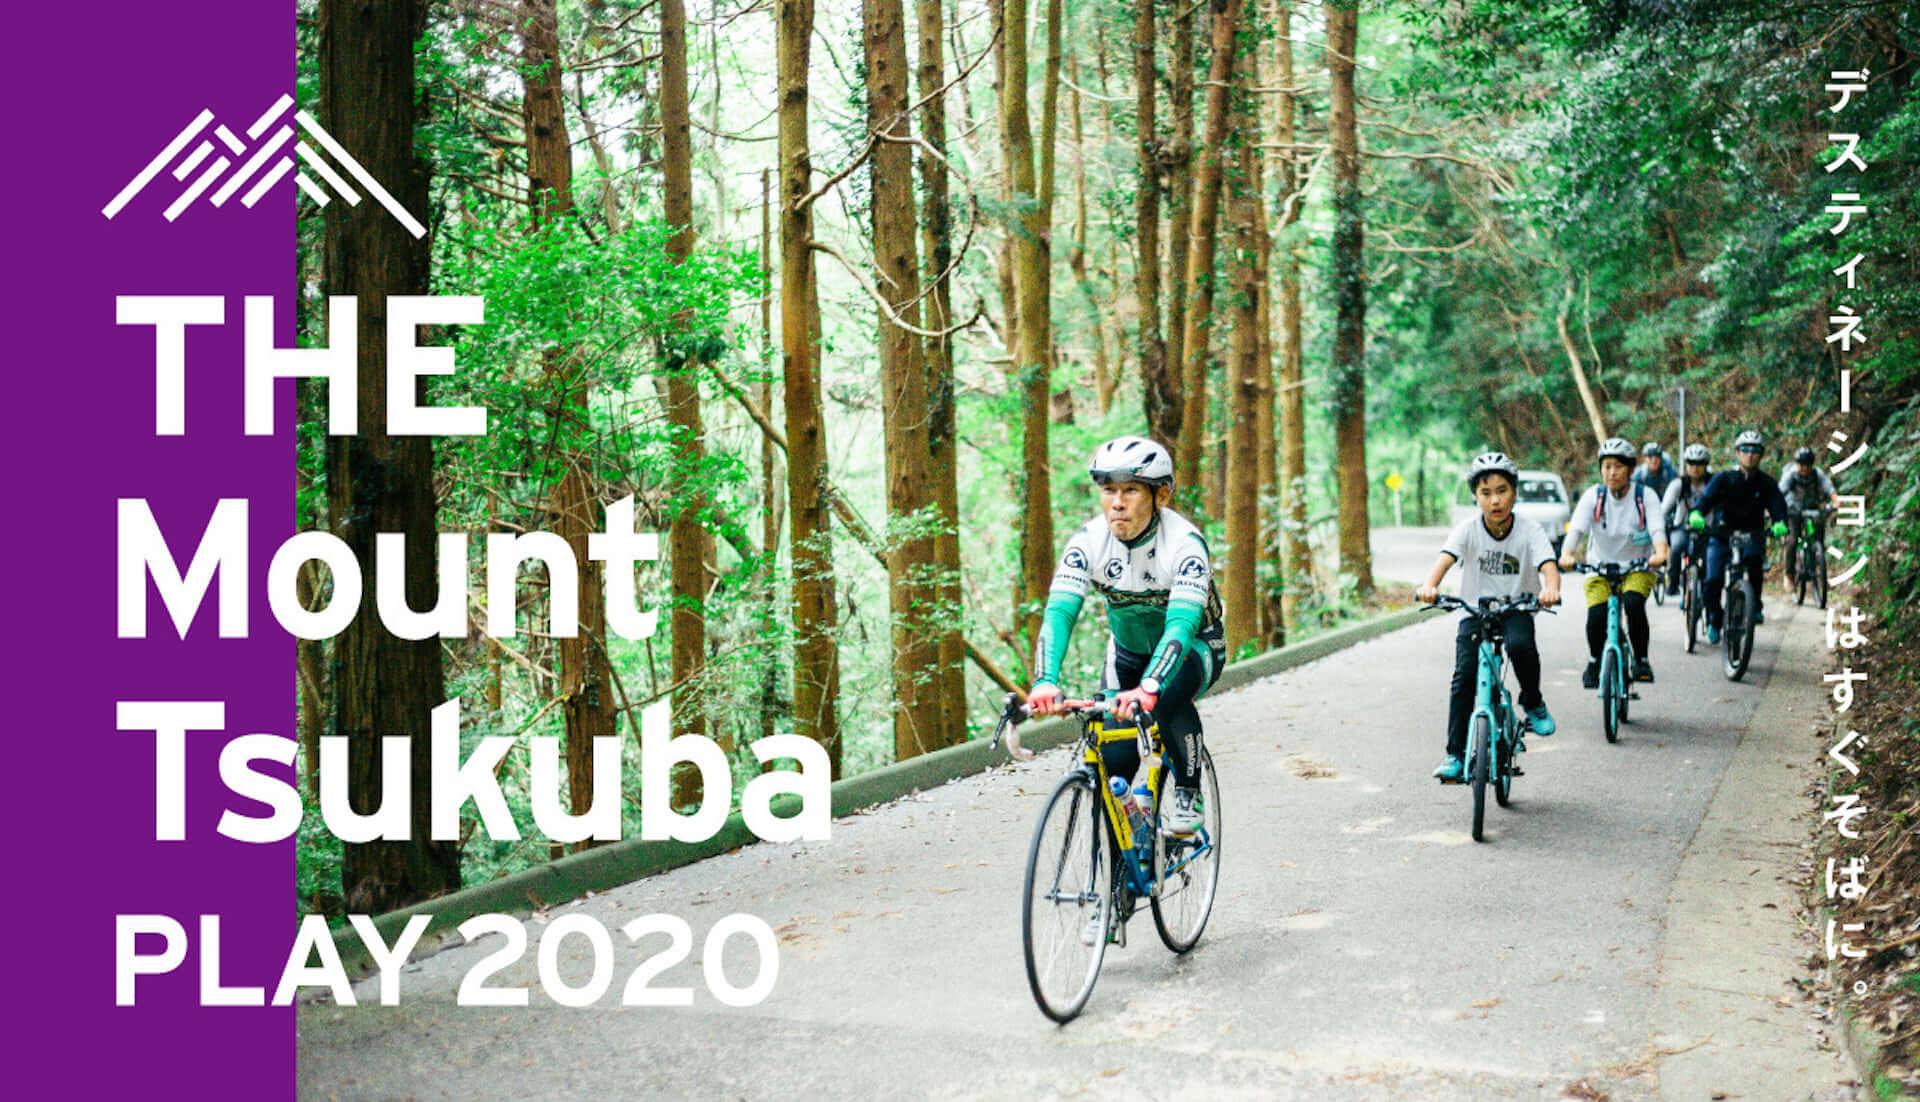 秋の筑波山・霞ヶ浦エリアでアウトドア体験を!一般向けトライアルツアー<Mount Tsukuba PLAY>が茨城県で開催決定 art201013_mount-tsukuba_2-1920x1102